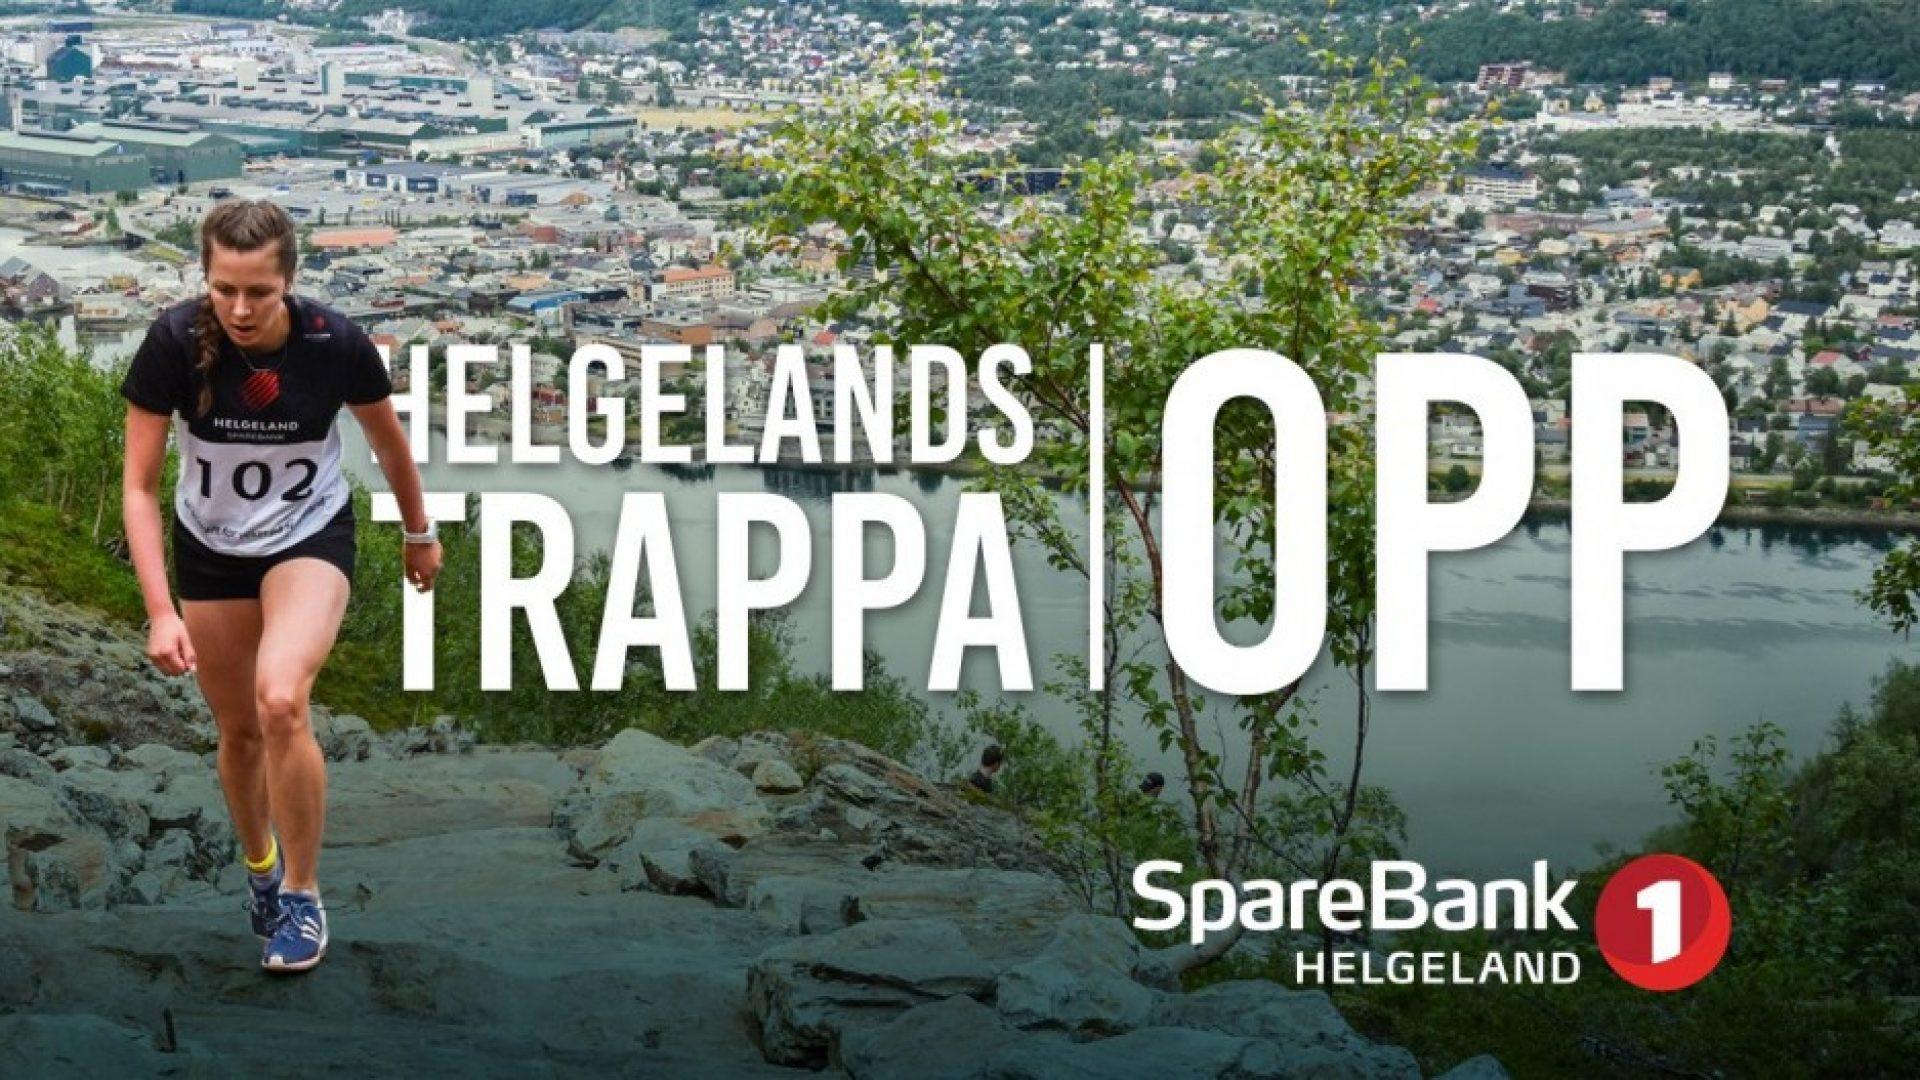 Coverbilde av Helgelandstrappa med SpareBank 1 Helgeland logo